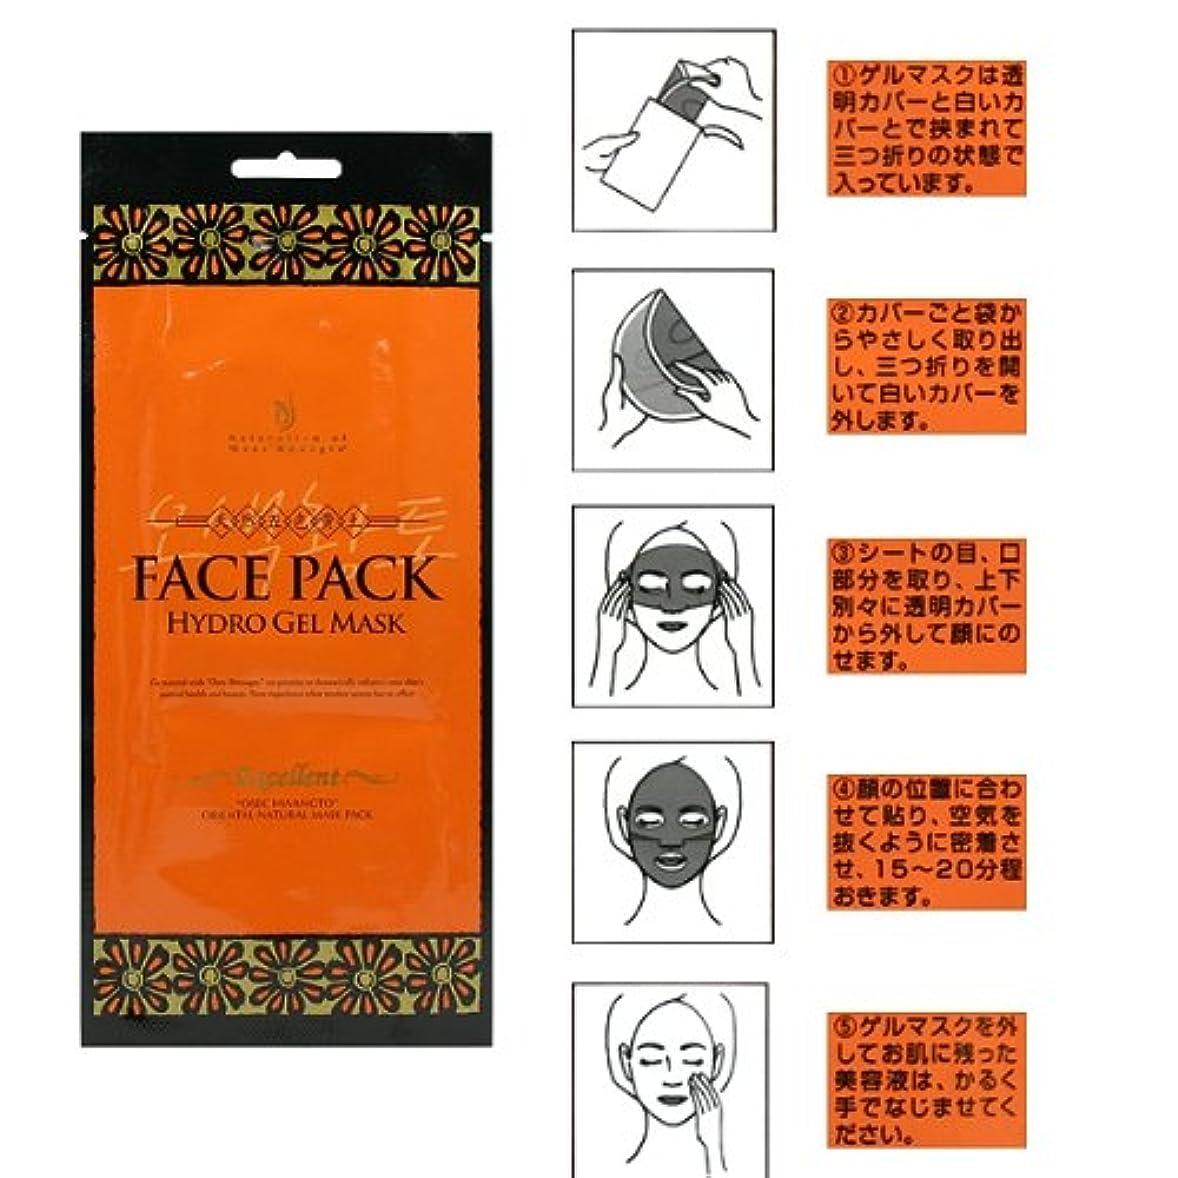 断言する移行するコショウプエラス 五色黄土ハイドロゲルマスク (フェイスパック)30gx1枚